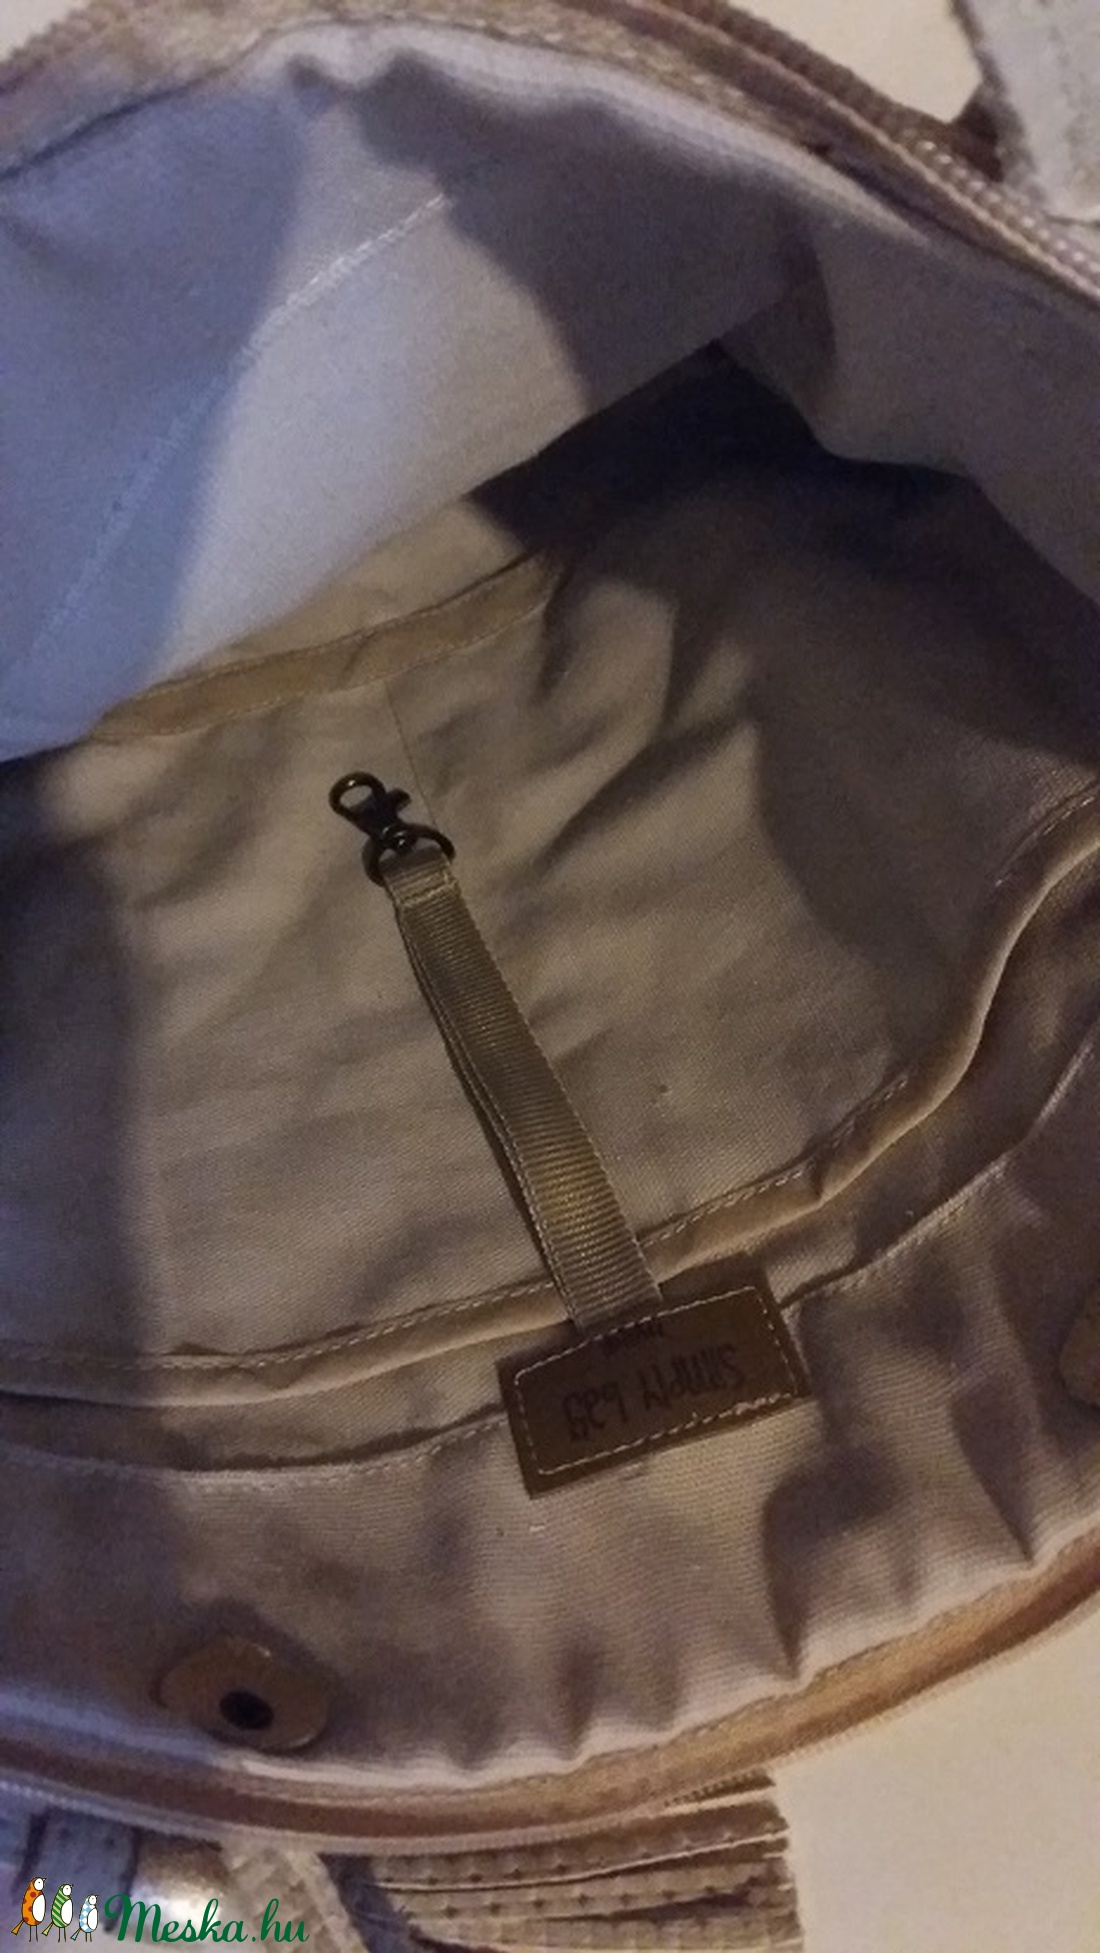 ... Bőrtáska arany és beige női táska hátizsák super divatos egyedi dartab ( BYildi) - Meska 7b2ec266f0